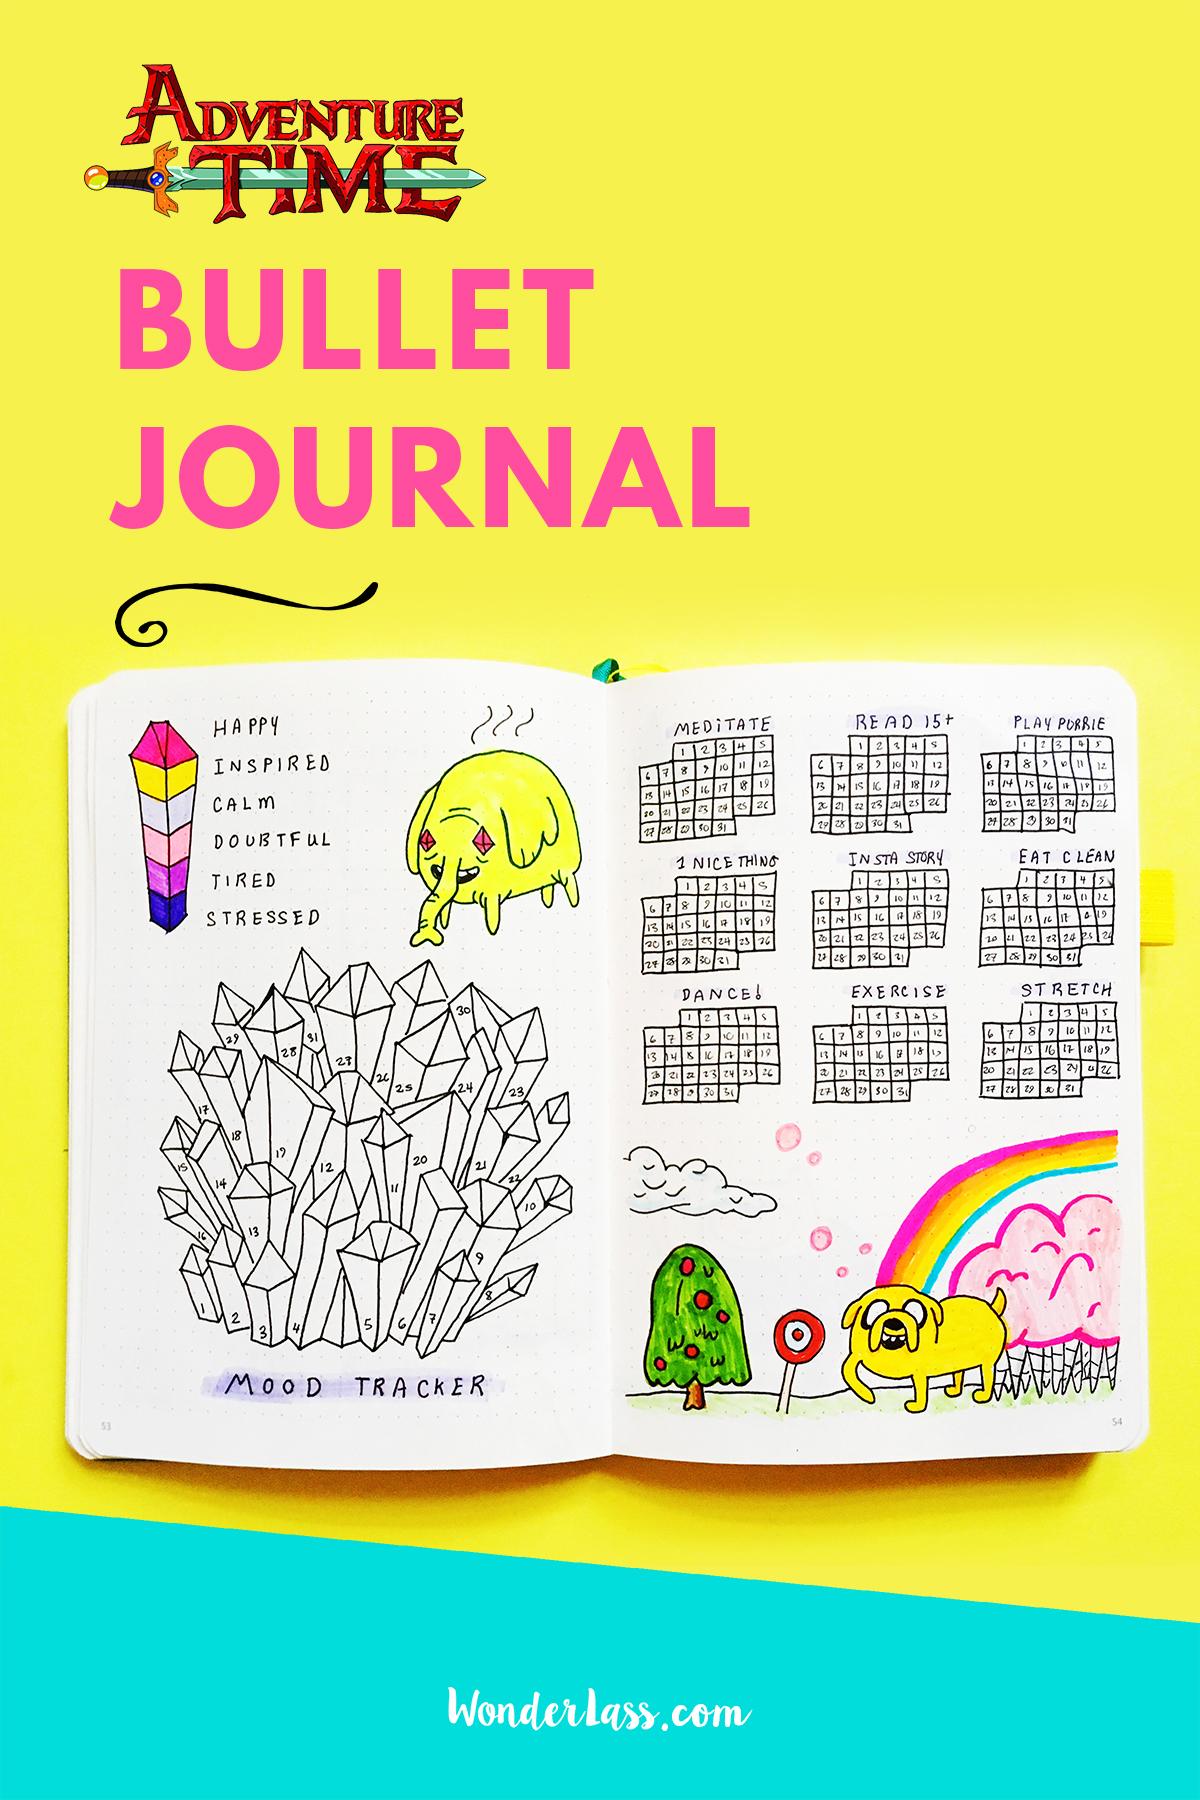 adventure time bullet journal.jpg